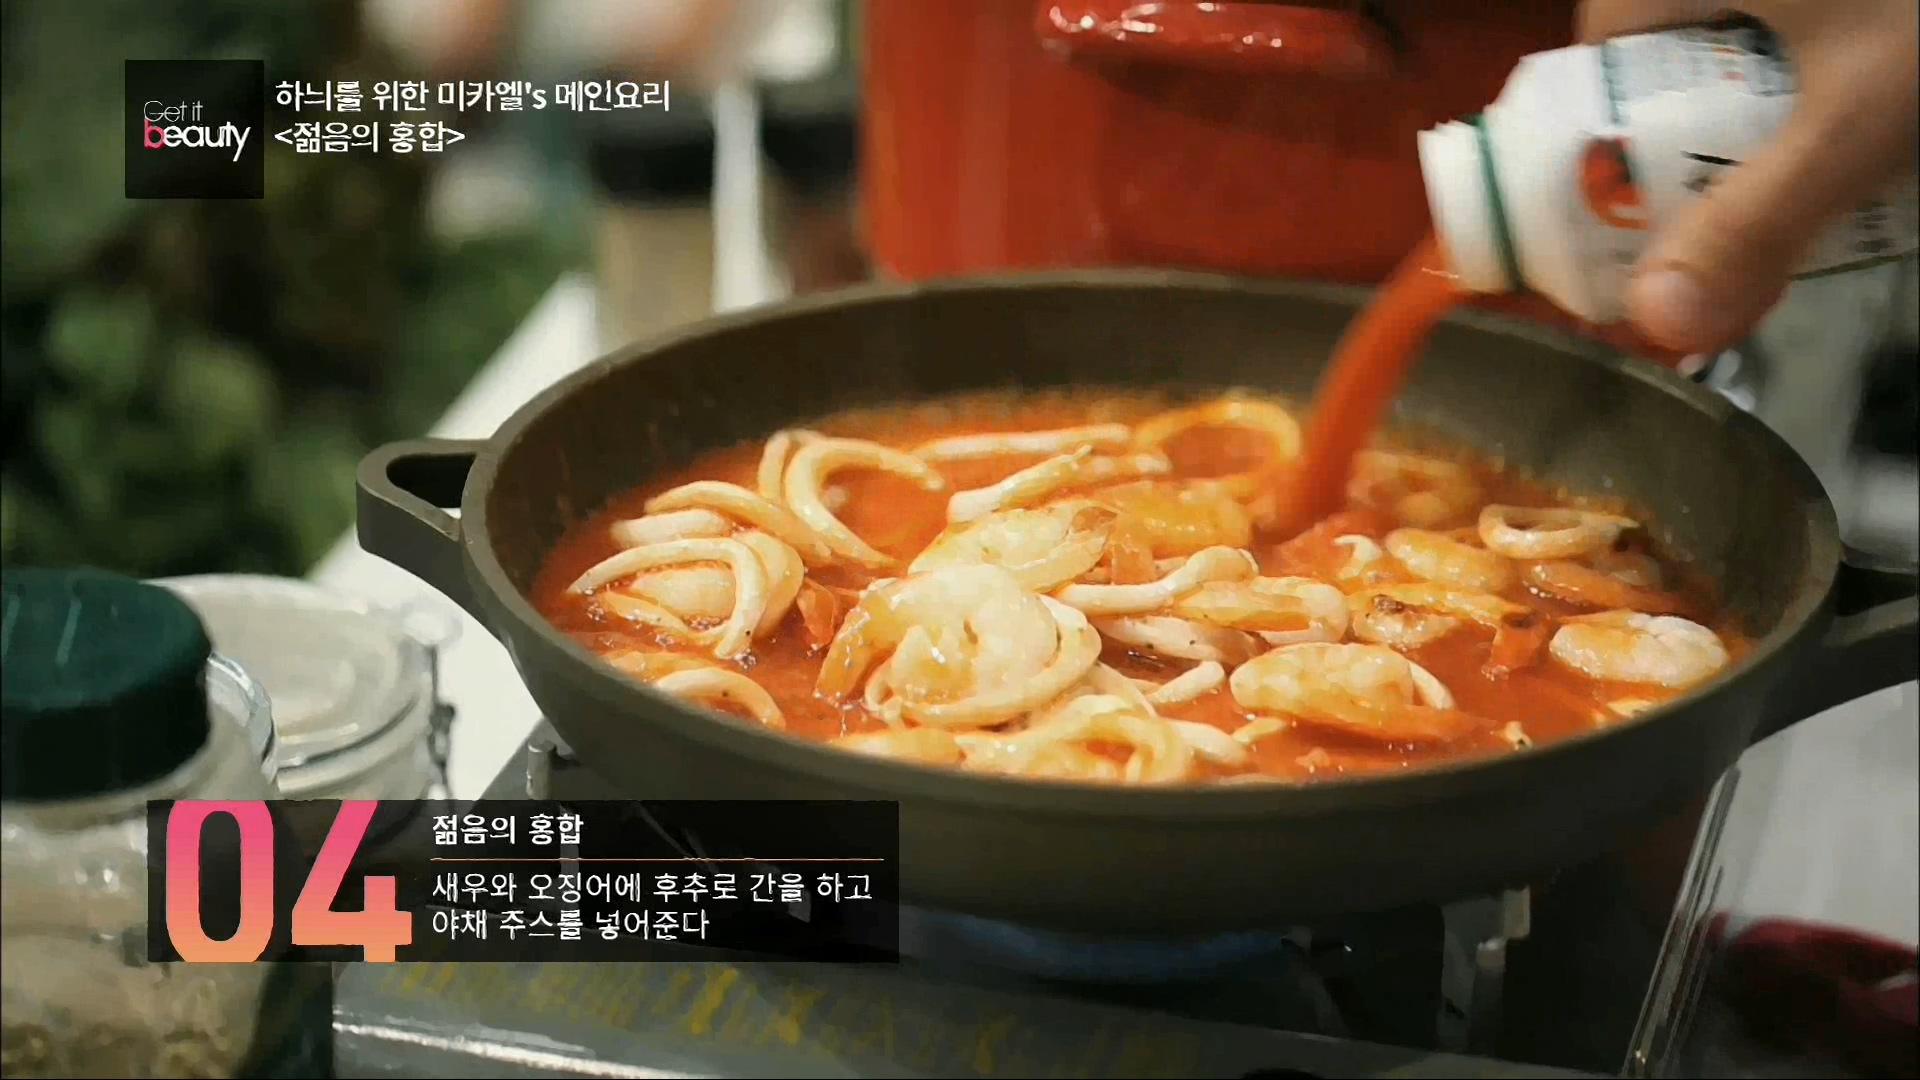 <젊은의 홍합> 04.새우와 오징어에 후추로 간을 하고 야채 주스를 넣어준다